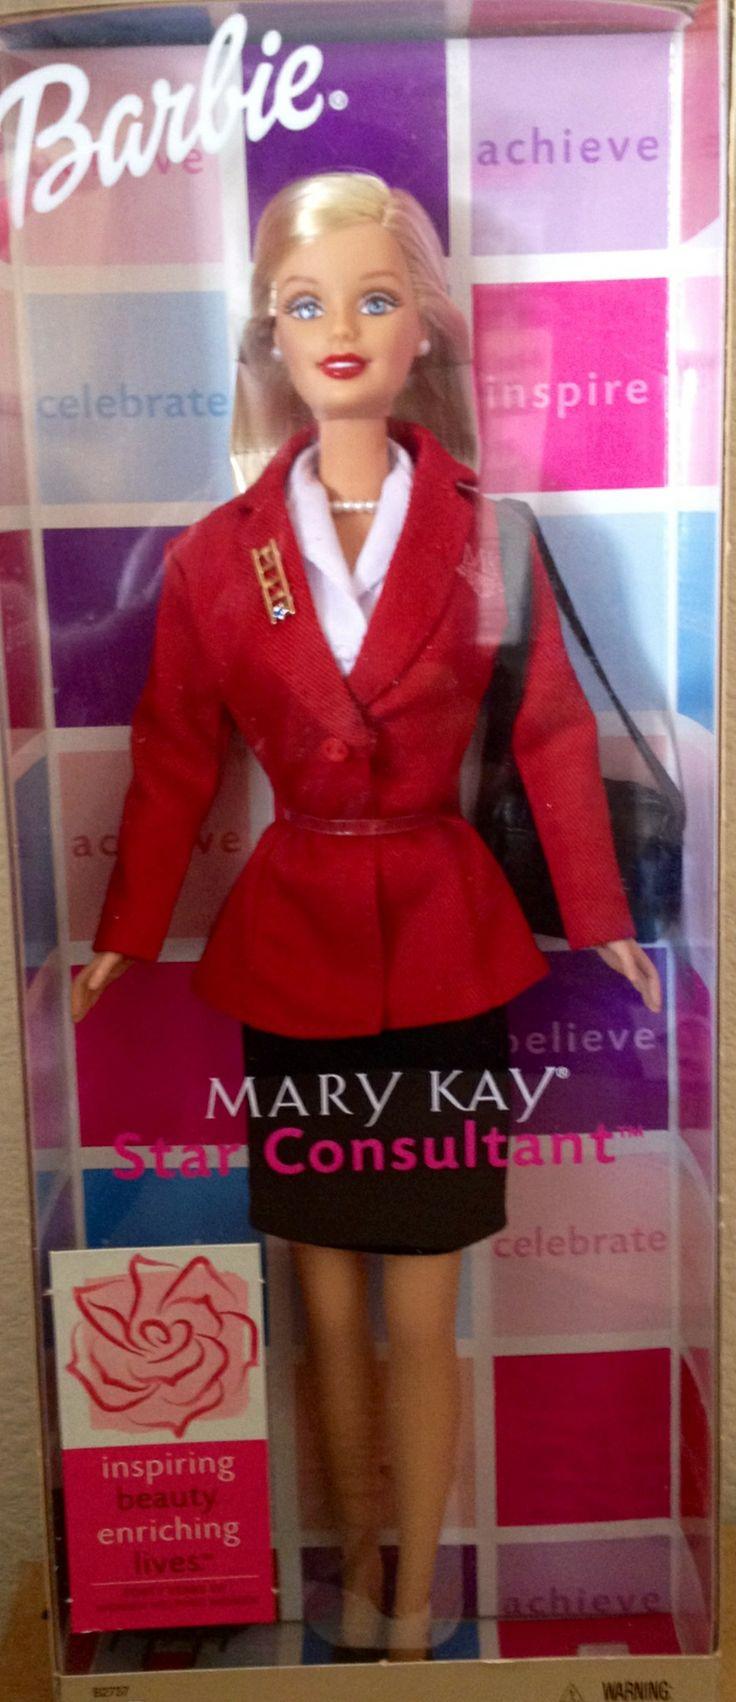 Barbie Consultora de Beleza Independente Mary Kay, uma linda! :)